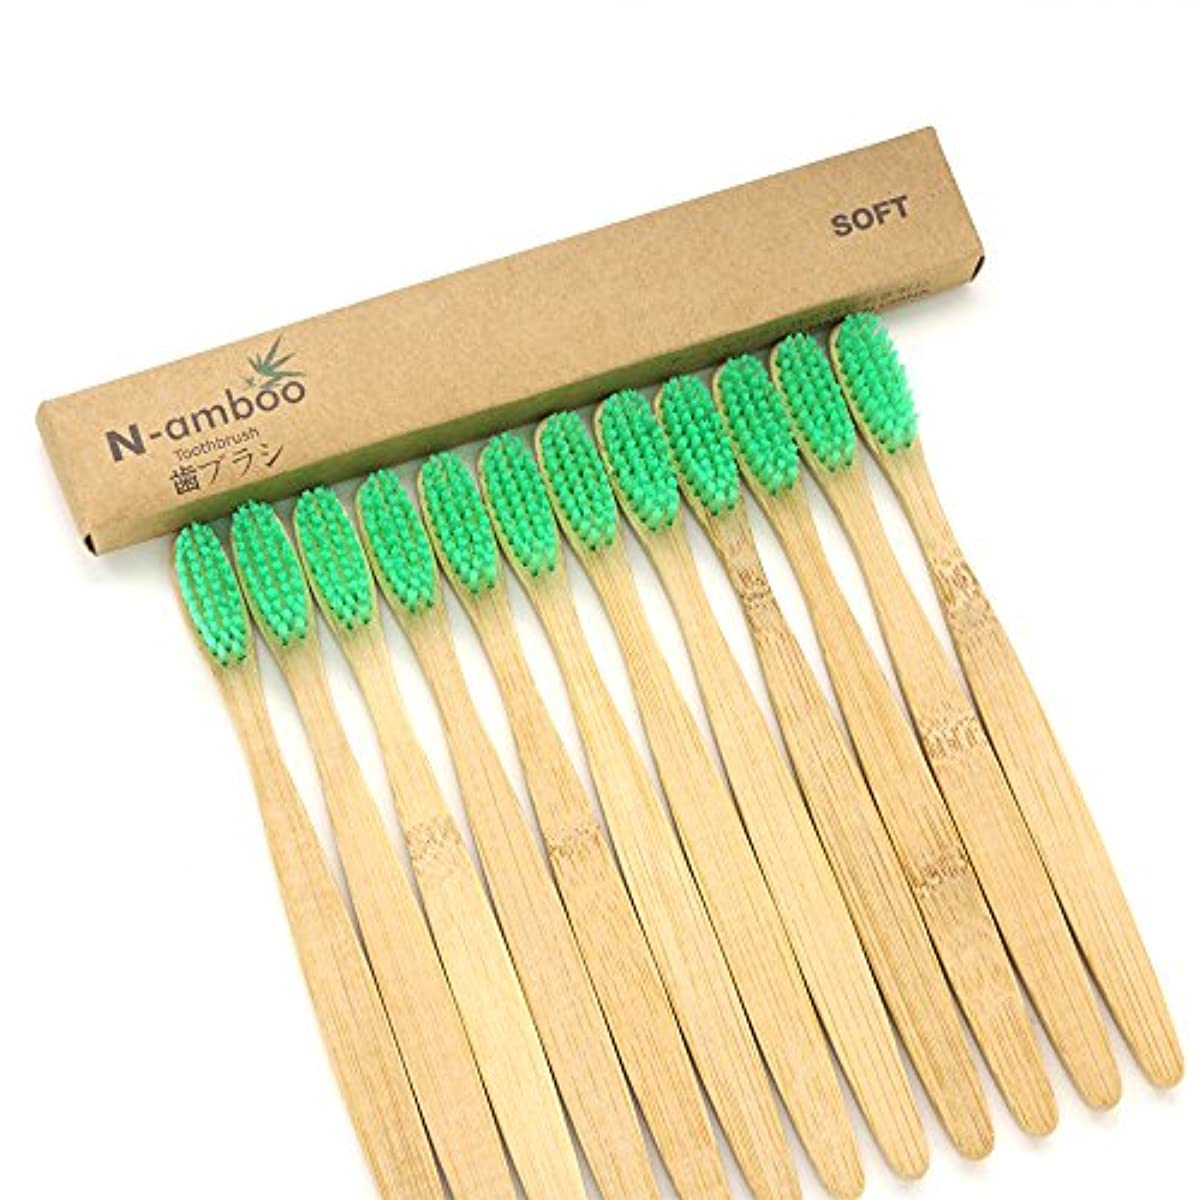 本土看板隣接N-amboo 竹製 歯ブラシ 高耐久性 セット エコ 軽量 12本入り 緑 セット